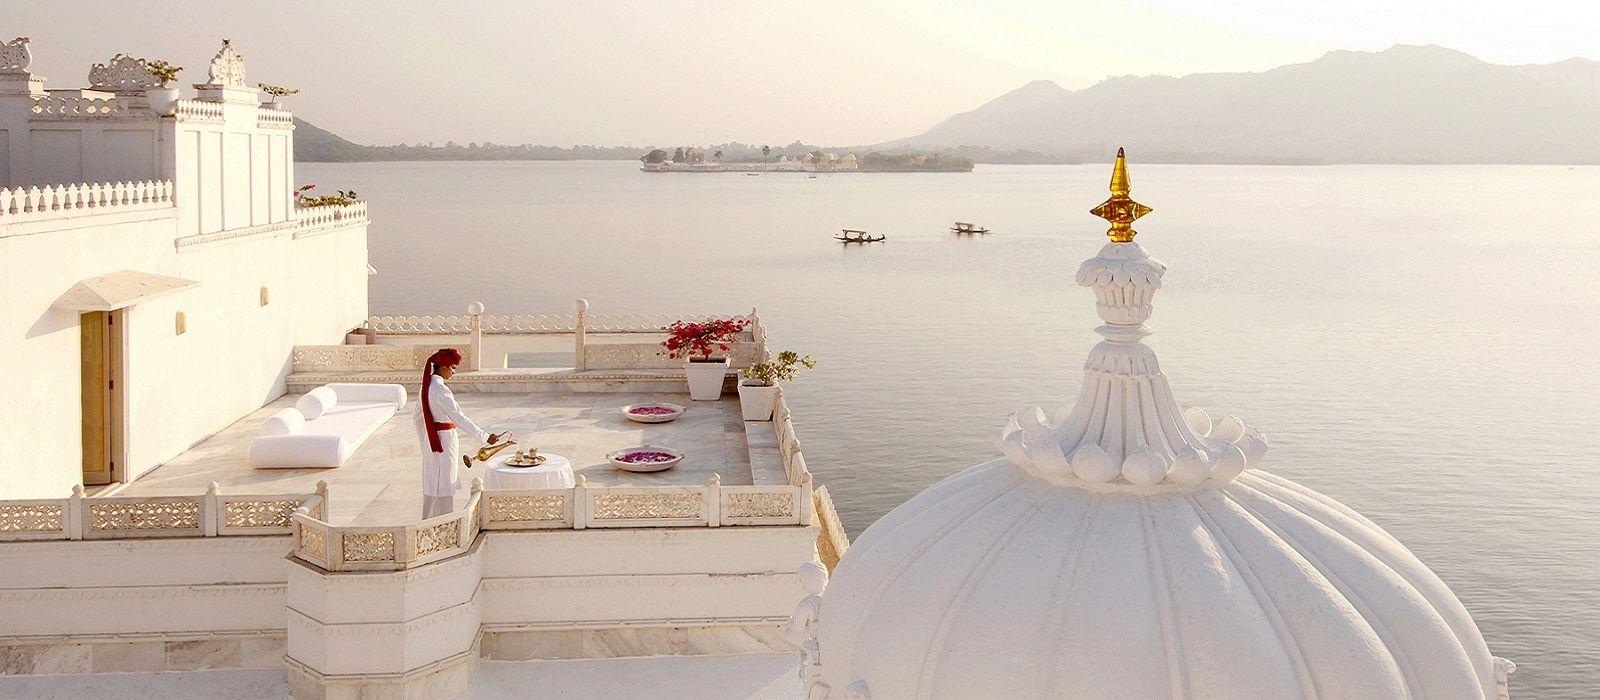 Luxeriöse Reise nach Indien: Verzaubernde Paläste und goldener Strand Urlaub 2